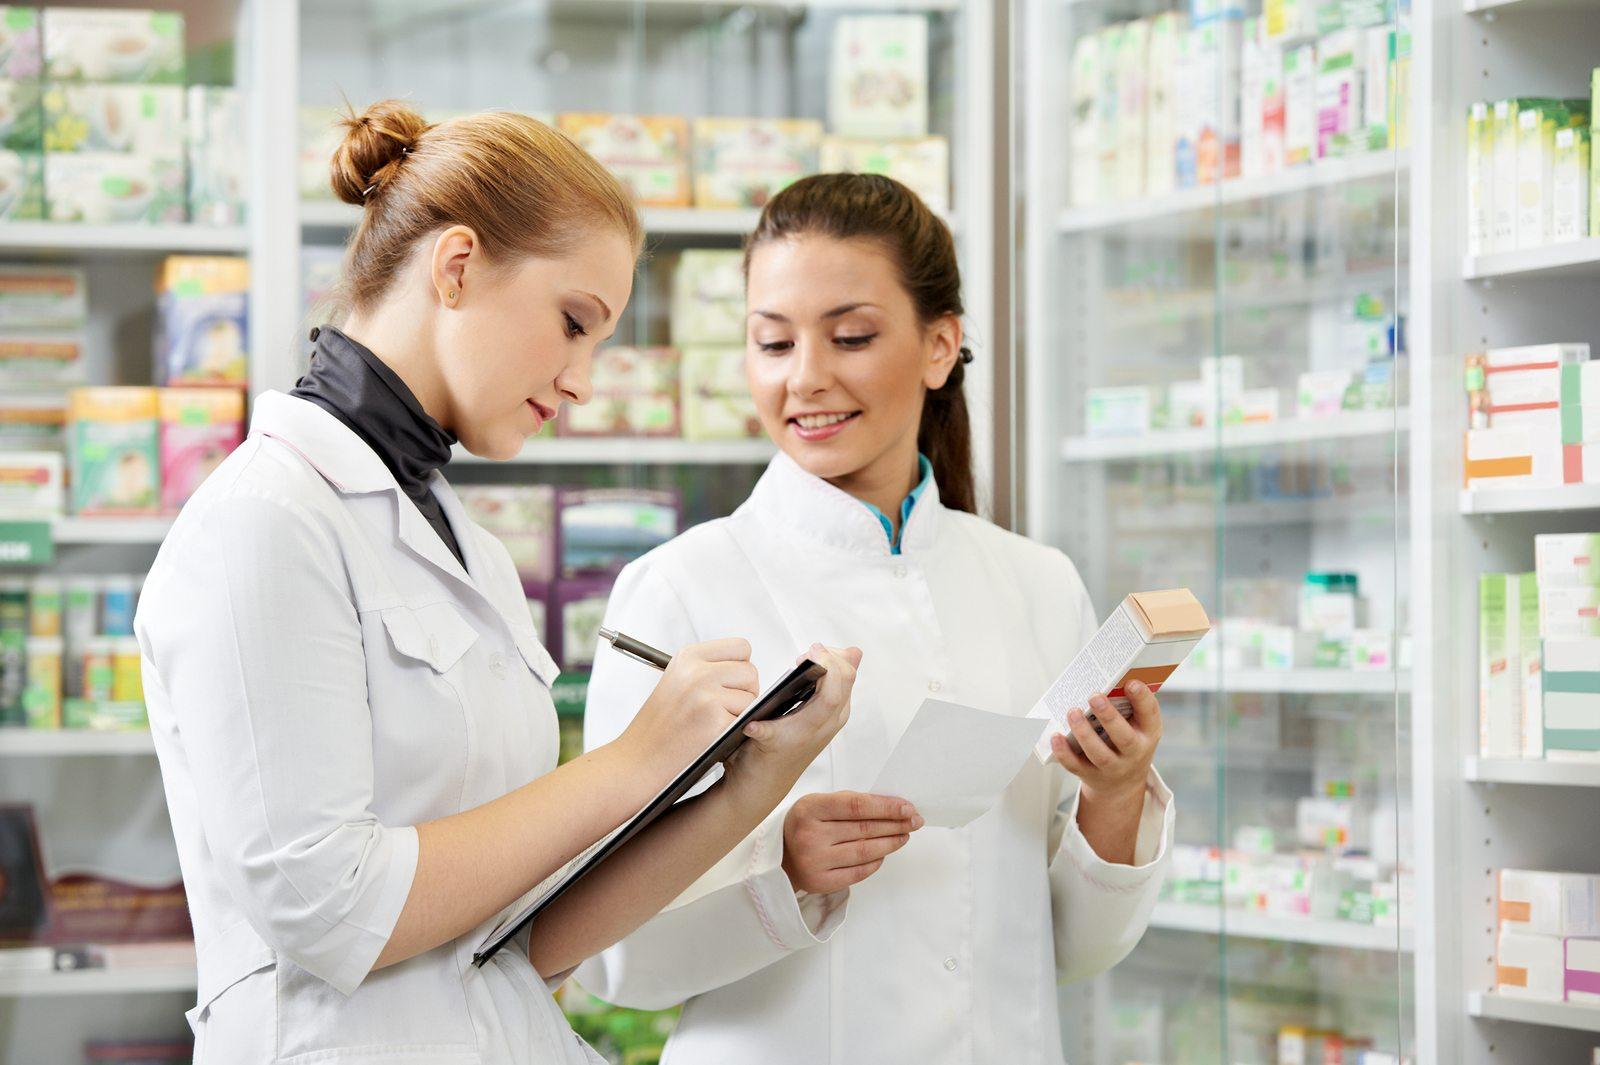 Vragen om te stellen om erachter te komen of de online apotheek betrouwbaar is